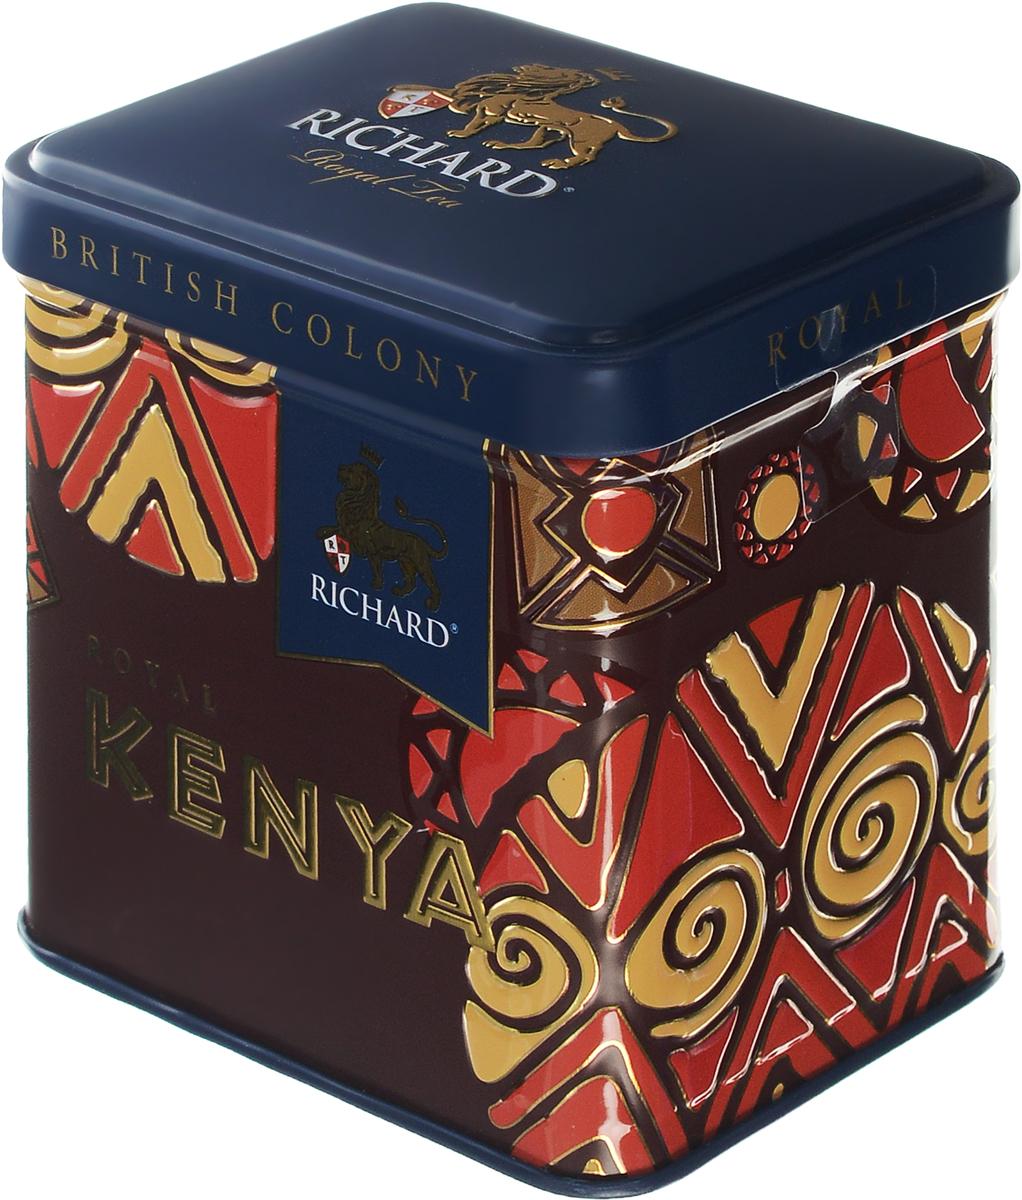 Richard British Colony Royal Kenya черный листовой чай, 50 г100132